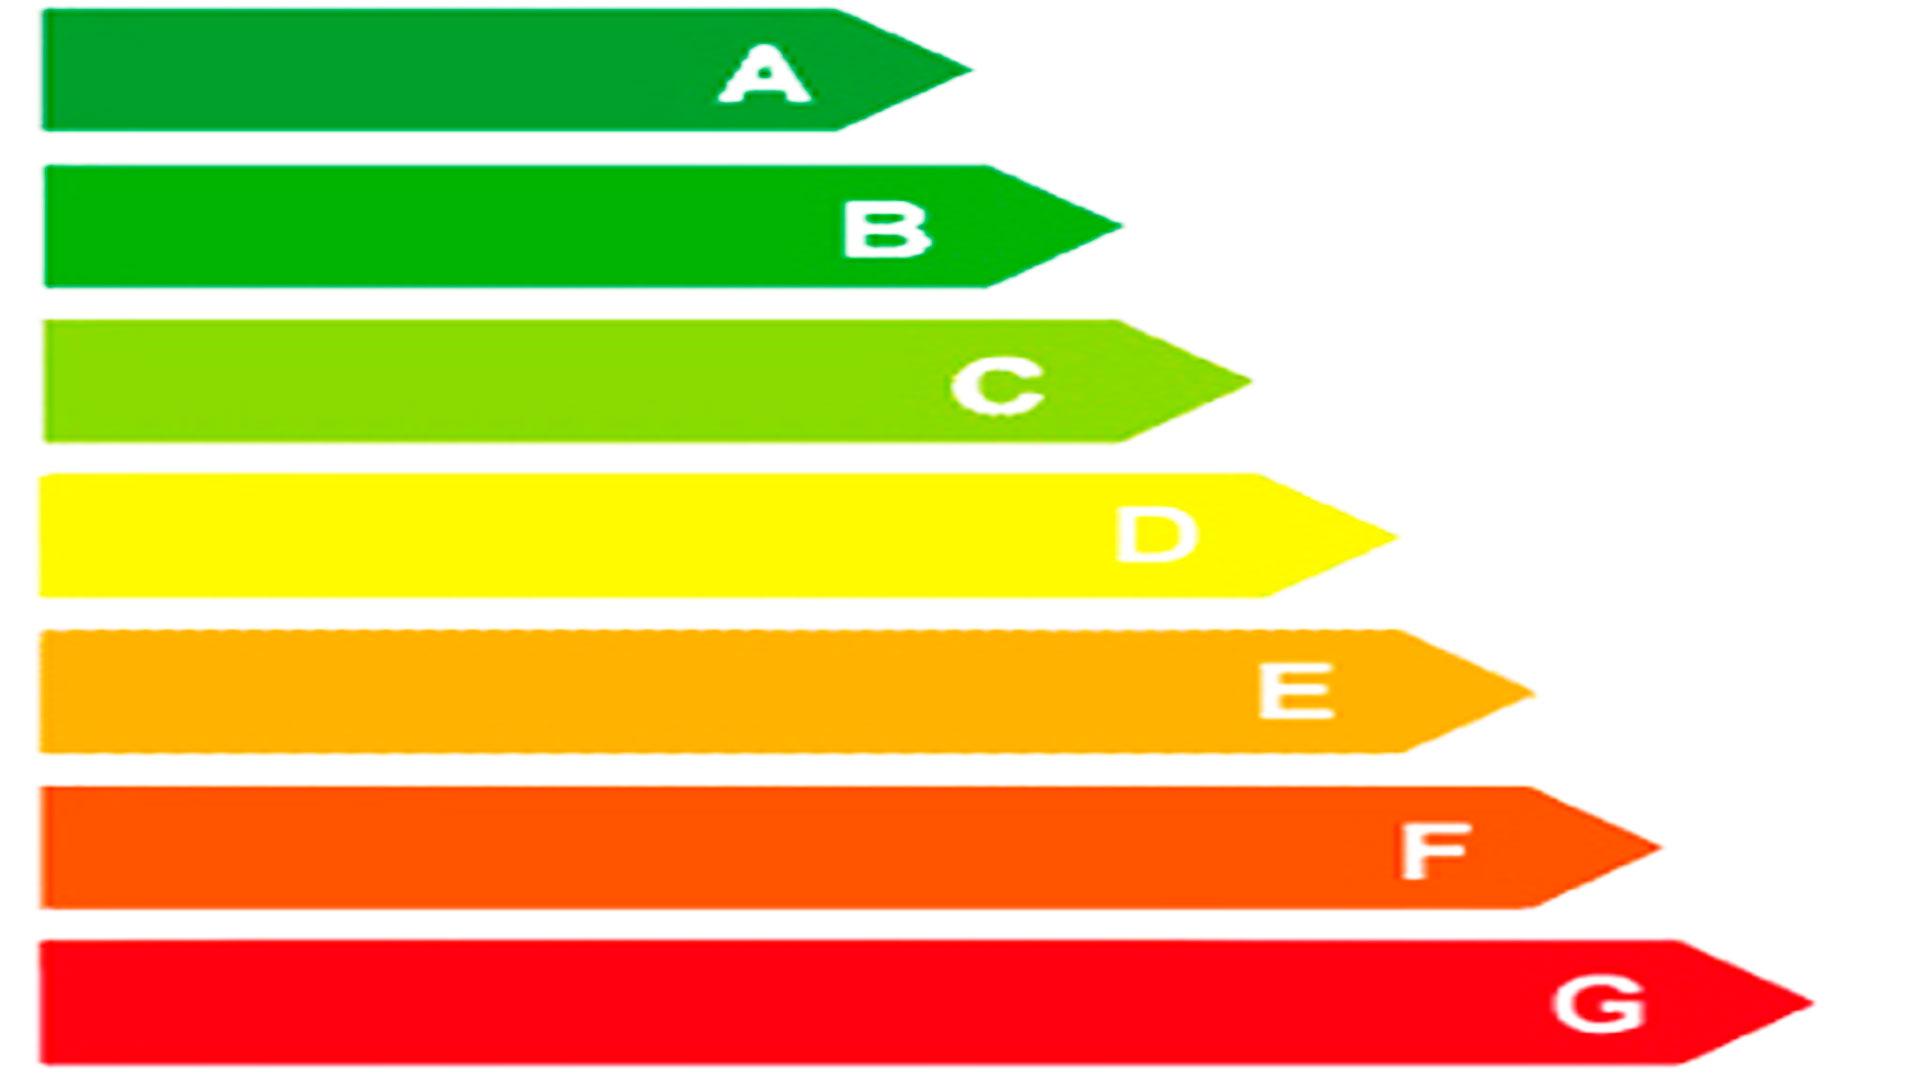 Que-es-el-certificado-energético-1920